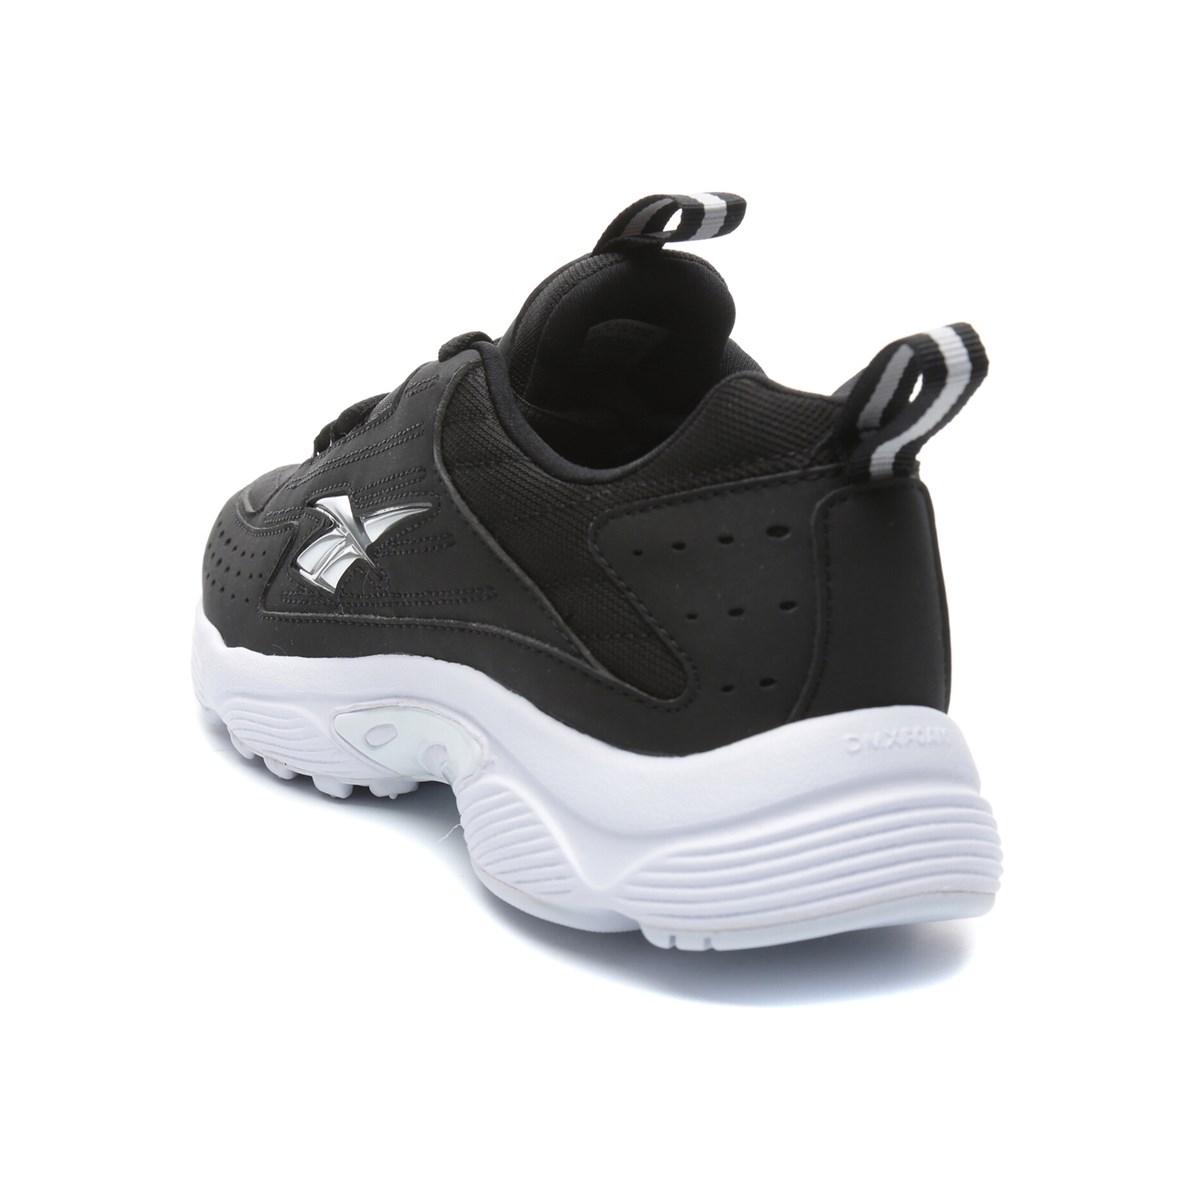 DMX Series 2200 Kadın Siyah Spor Ayakkabı